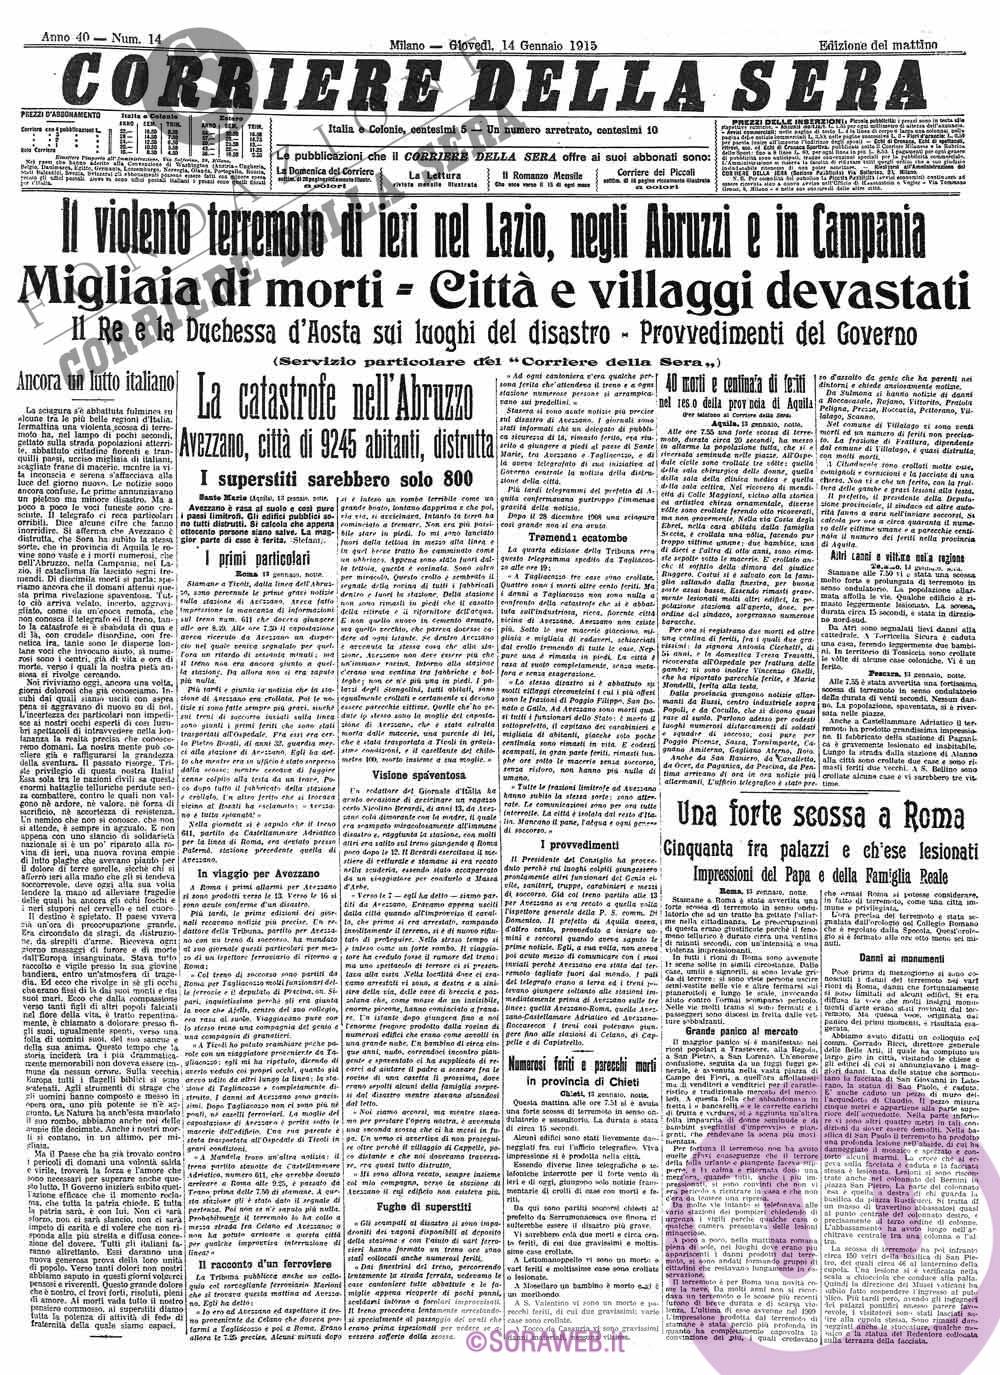 SORA WEB - Sisma 1915 Avezzano Giornale Corriere della sera